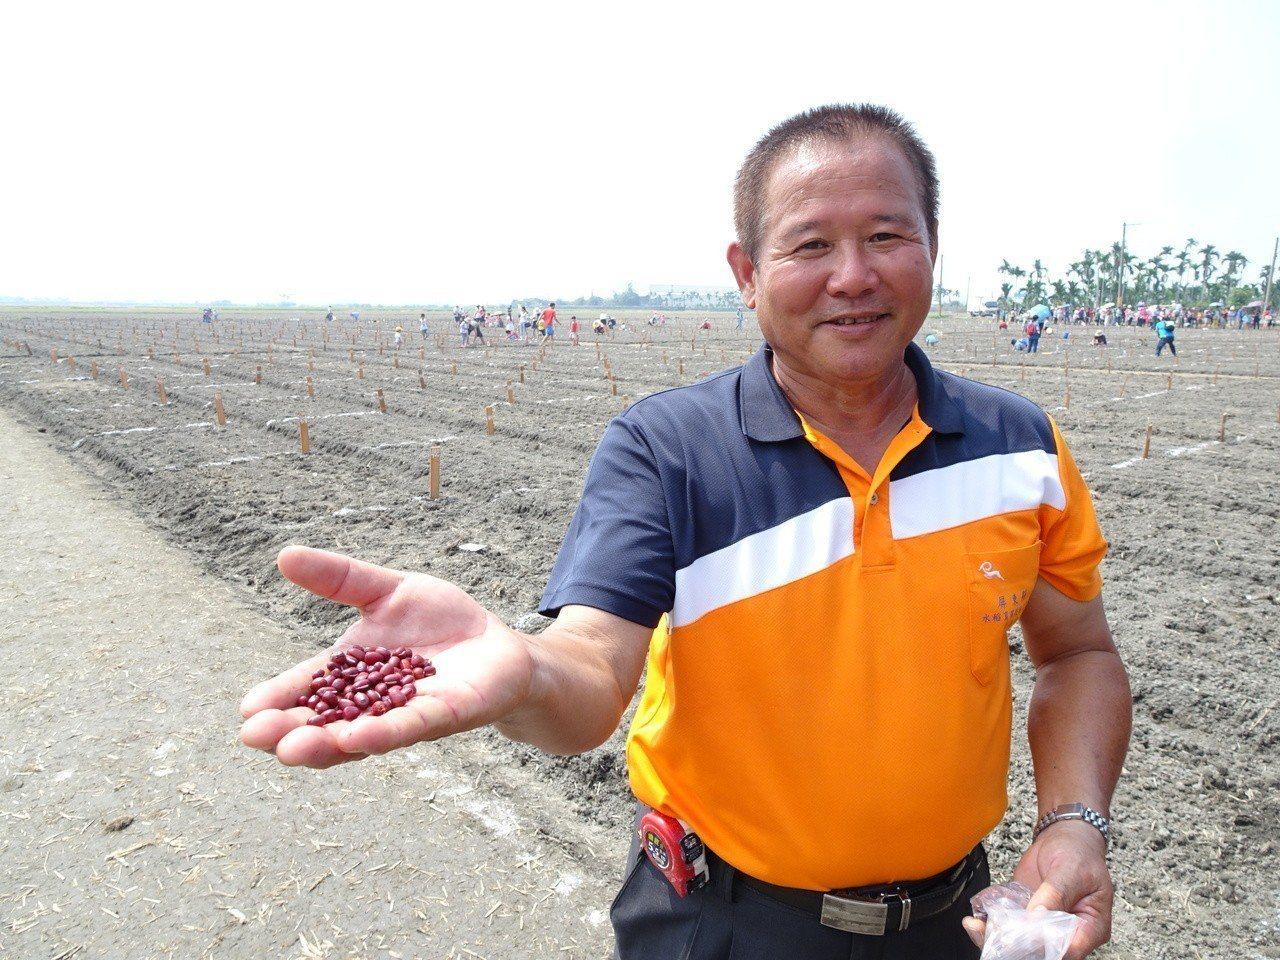 以有機米栽植獲神農獎的林清源,是「老鷹紅豆」的重要推手之一。記者潘欣中/攝影